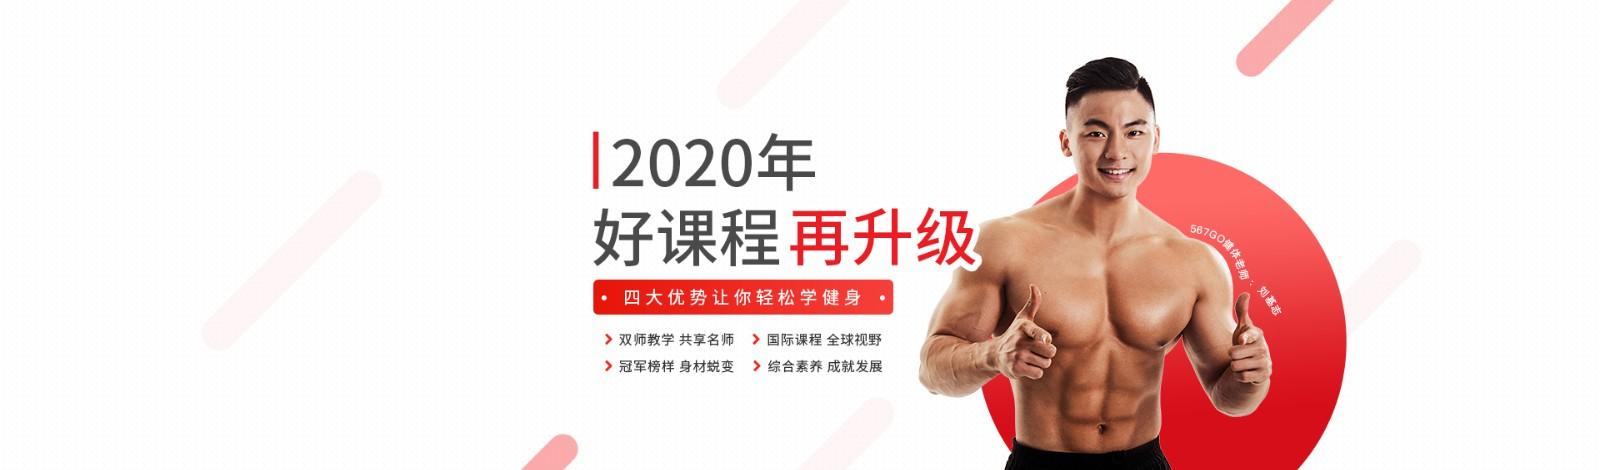 广州567GO健身学院 横幅广告